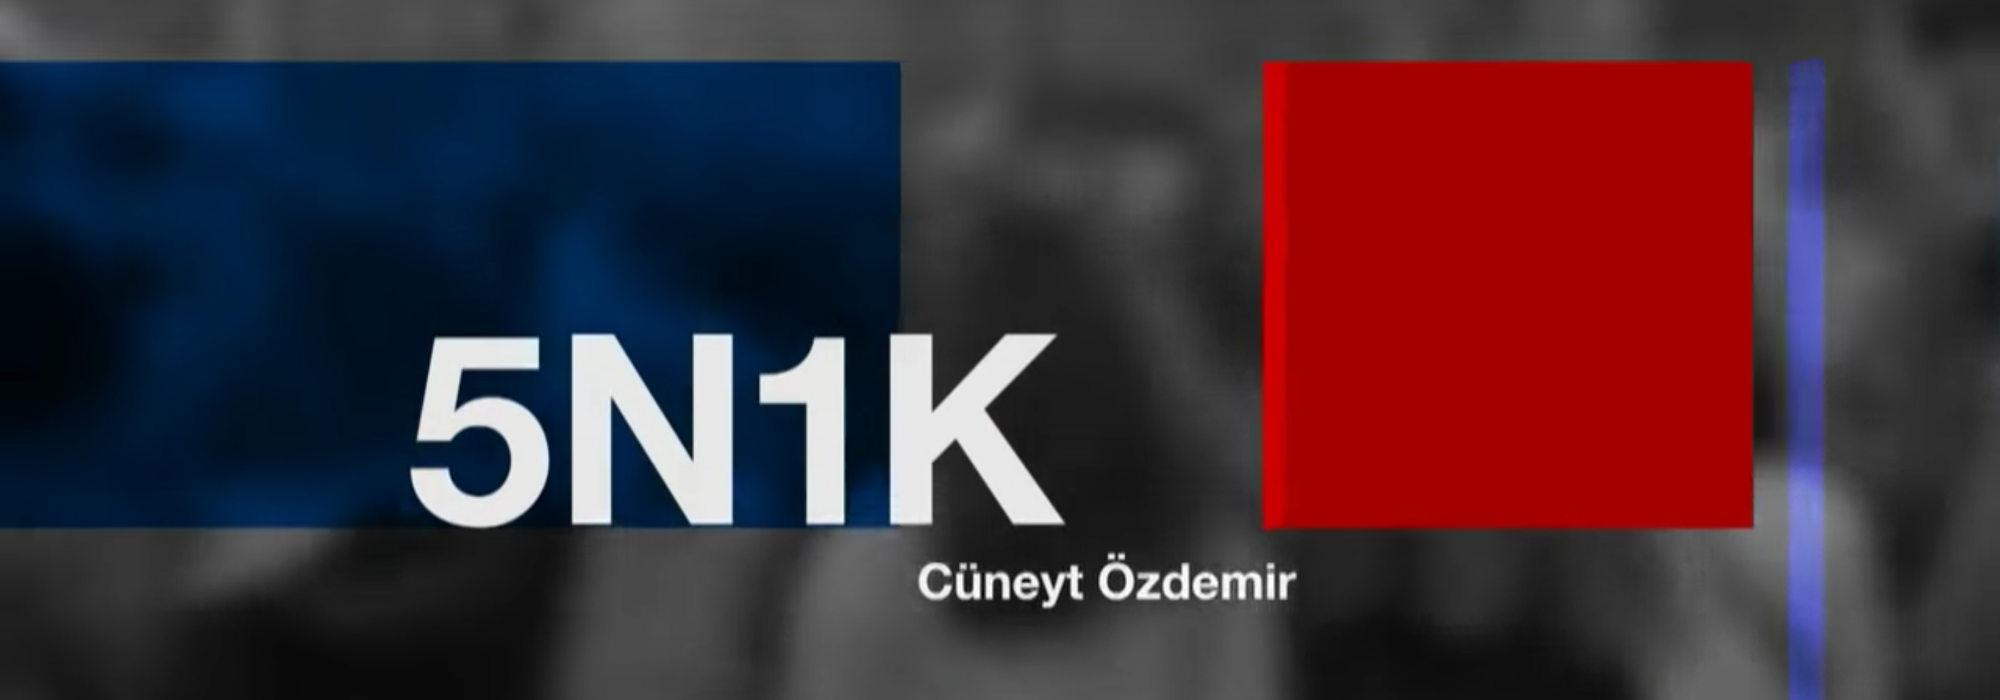 CNNTurk 5N1K   Türkiye'nin uzay macerası…